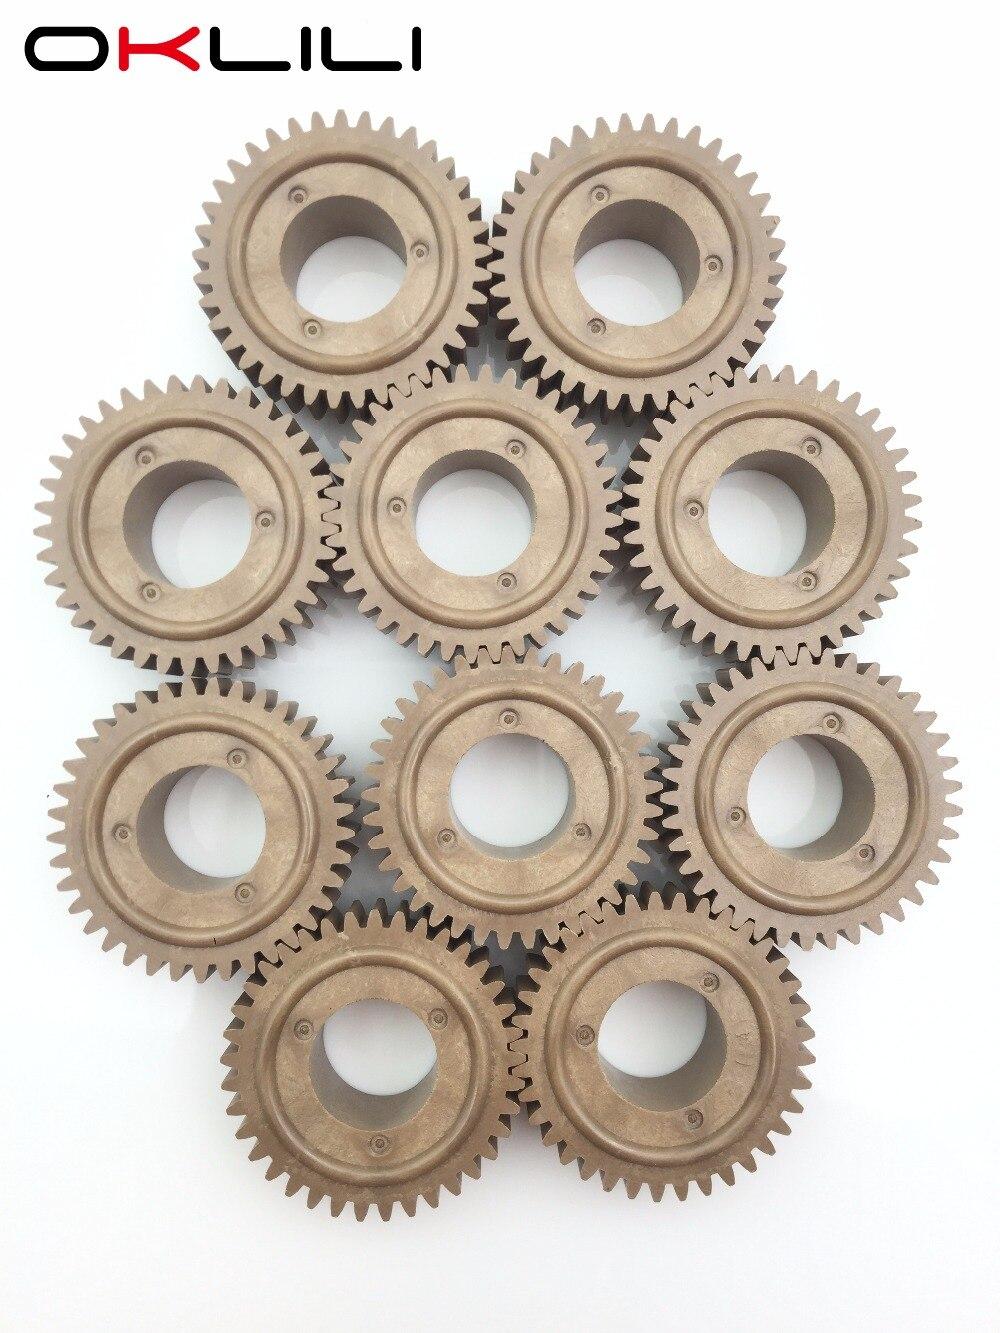 Fuser gear 37T для Samsung ML1610, 50 шт., X 007N01205, JC66-00564A, 1640, 1710, 1740, 2010, SCX3200, 1860, 4016, 4216, 4321, 4521, SF560, 750